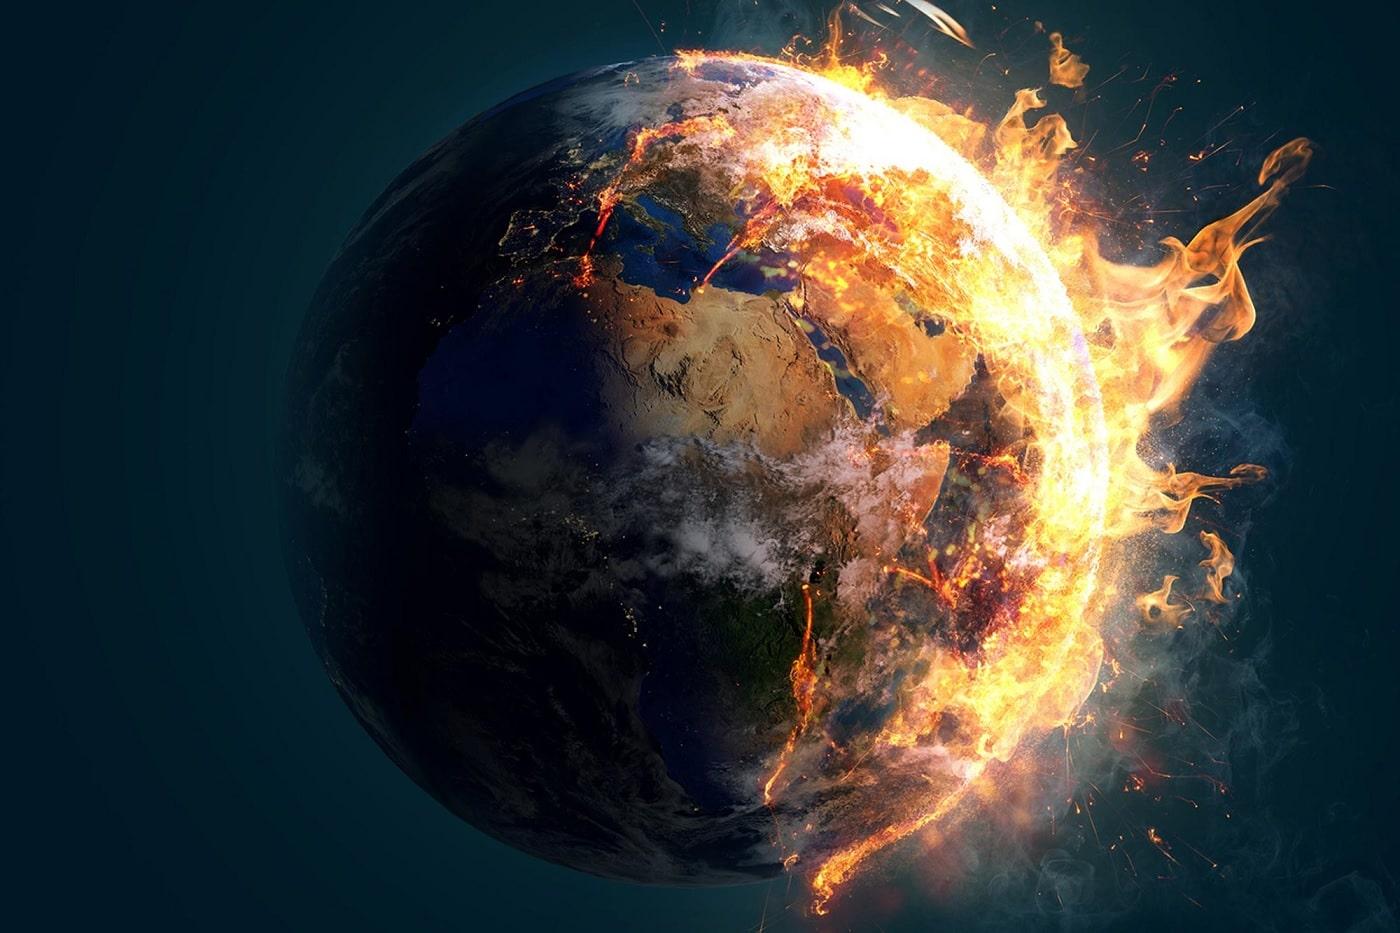 Une collaboration d'experts tire le signal d'alarme concernant la situation « catastrophique » de la Terre